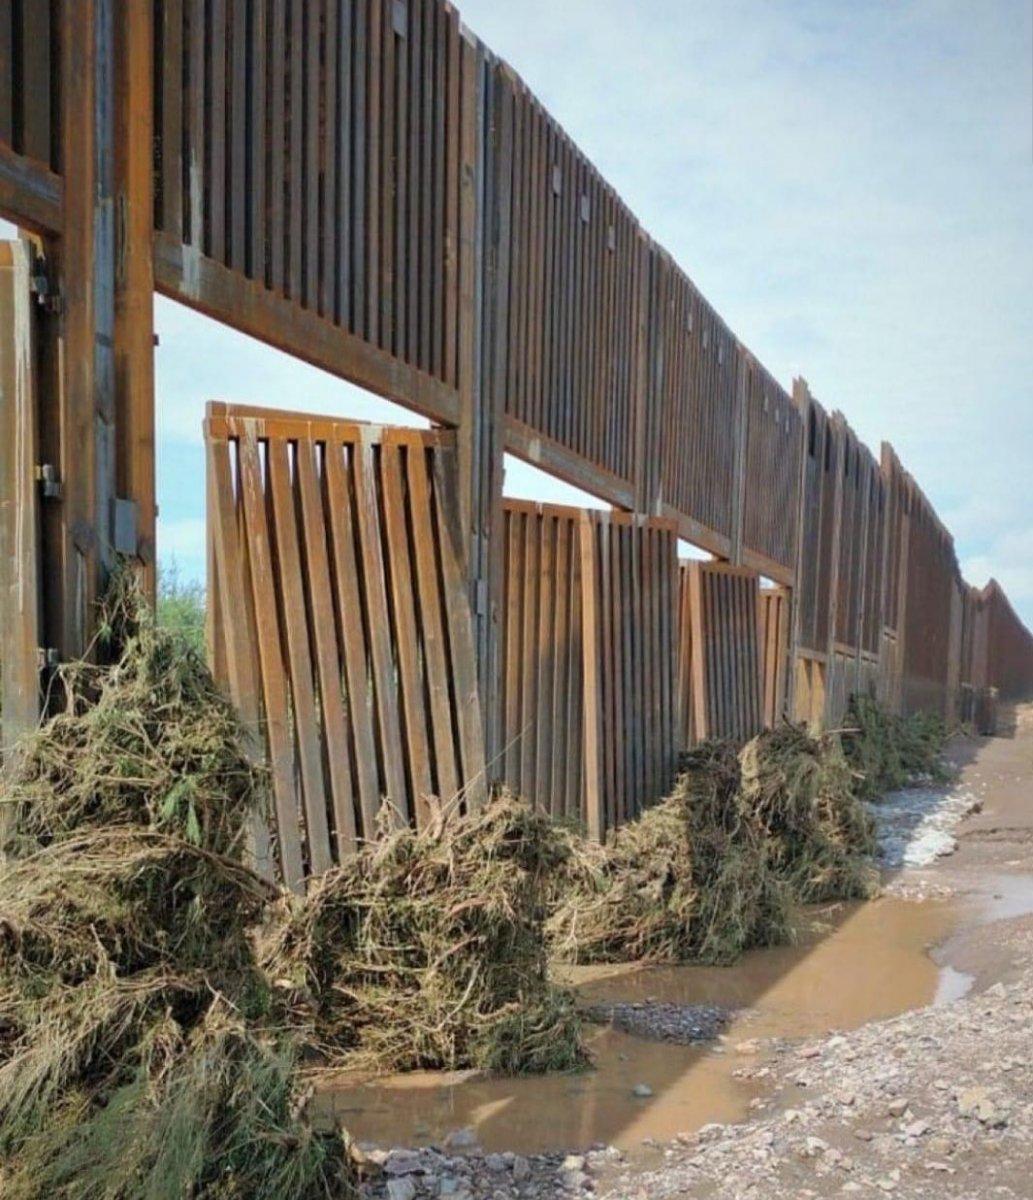 Trump ın Arizona da yaptırdığı duvar yıkıldı #2